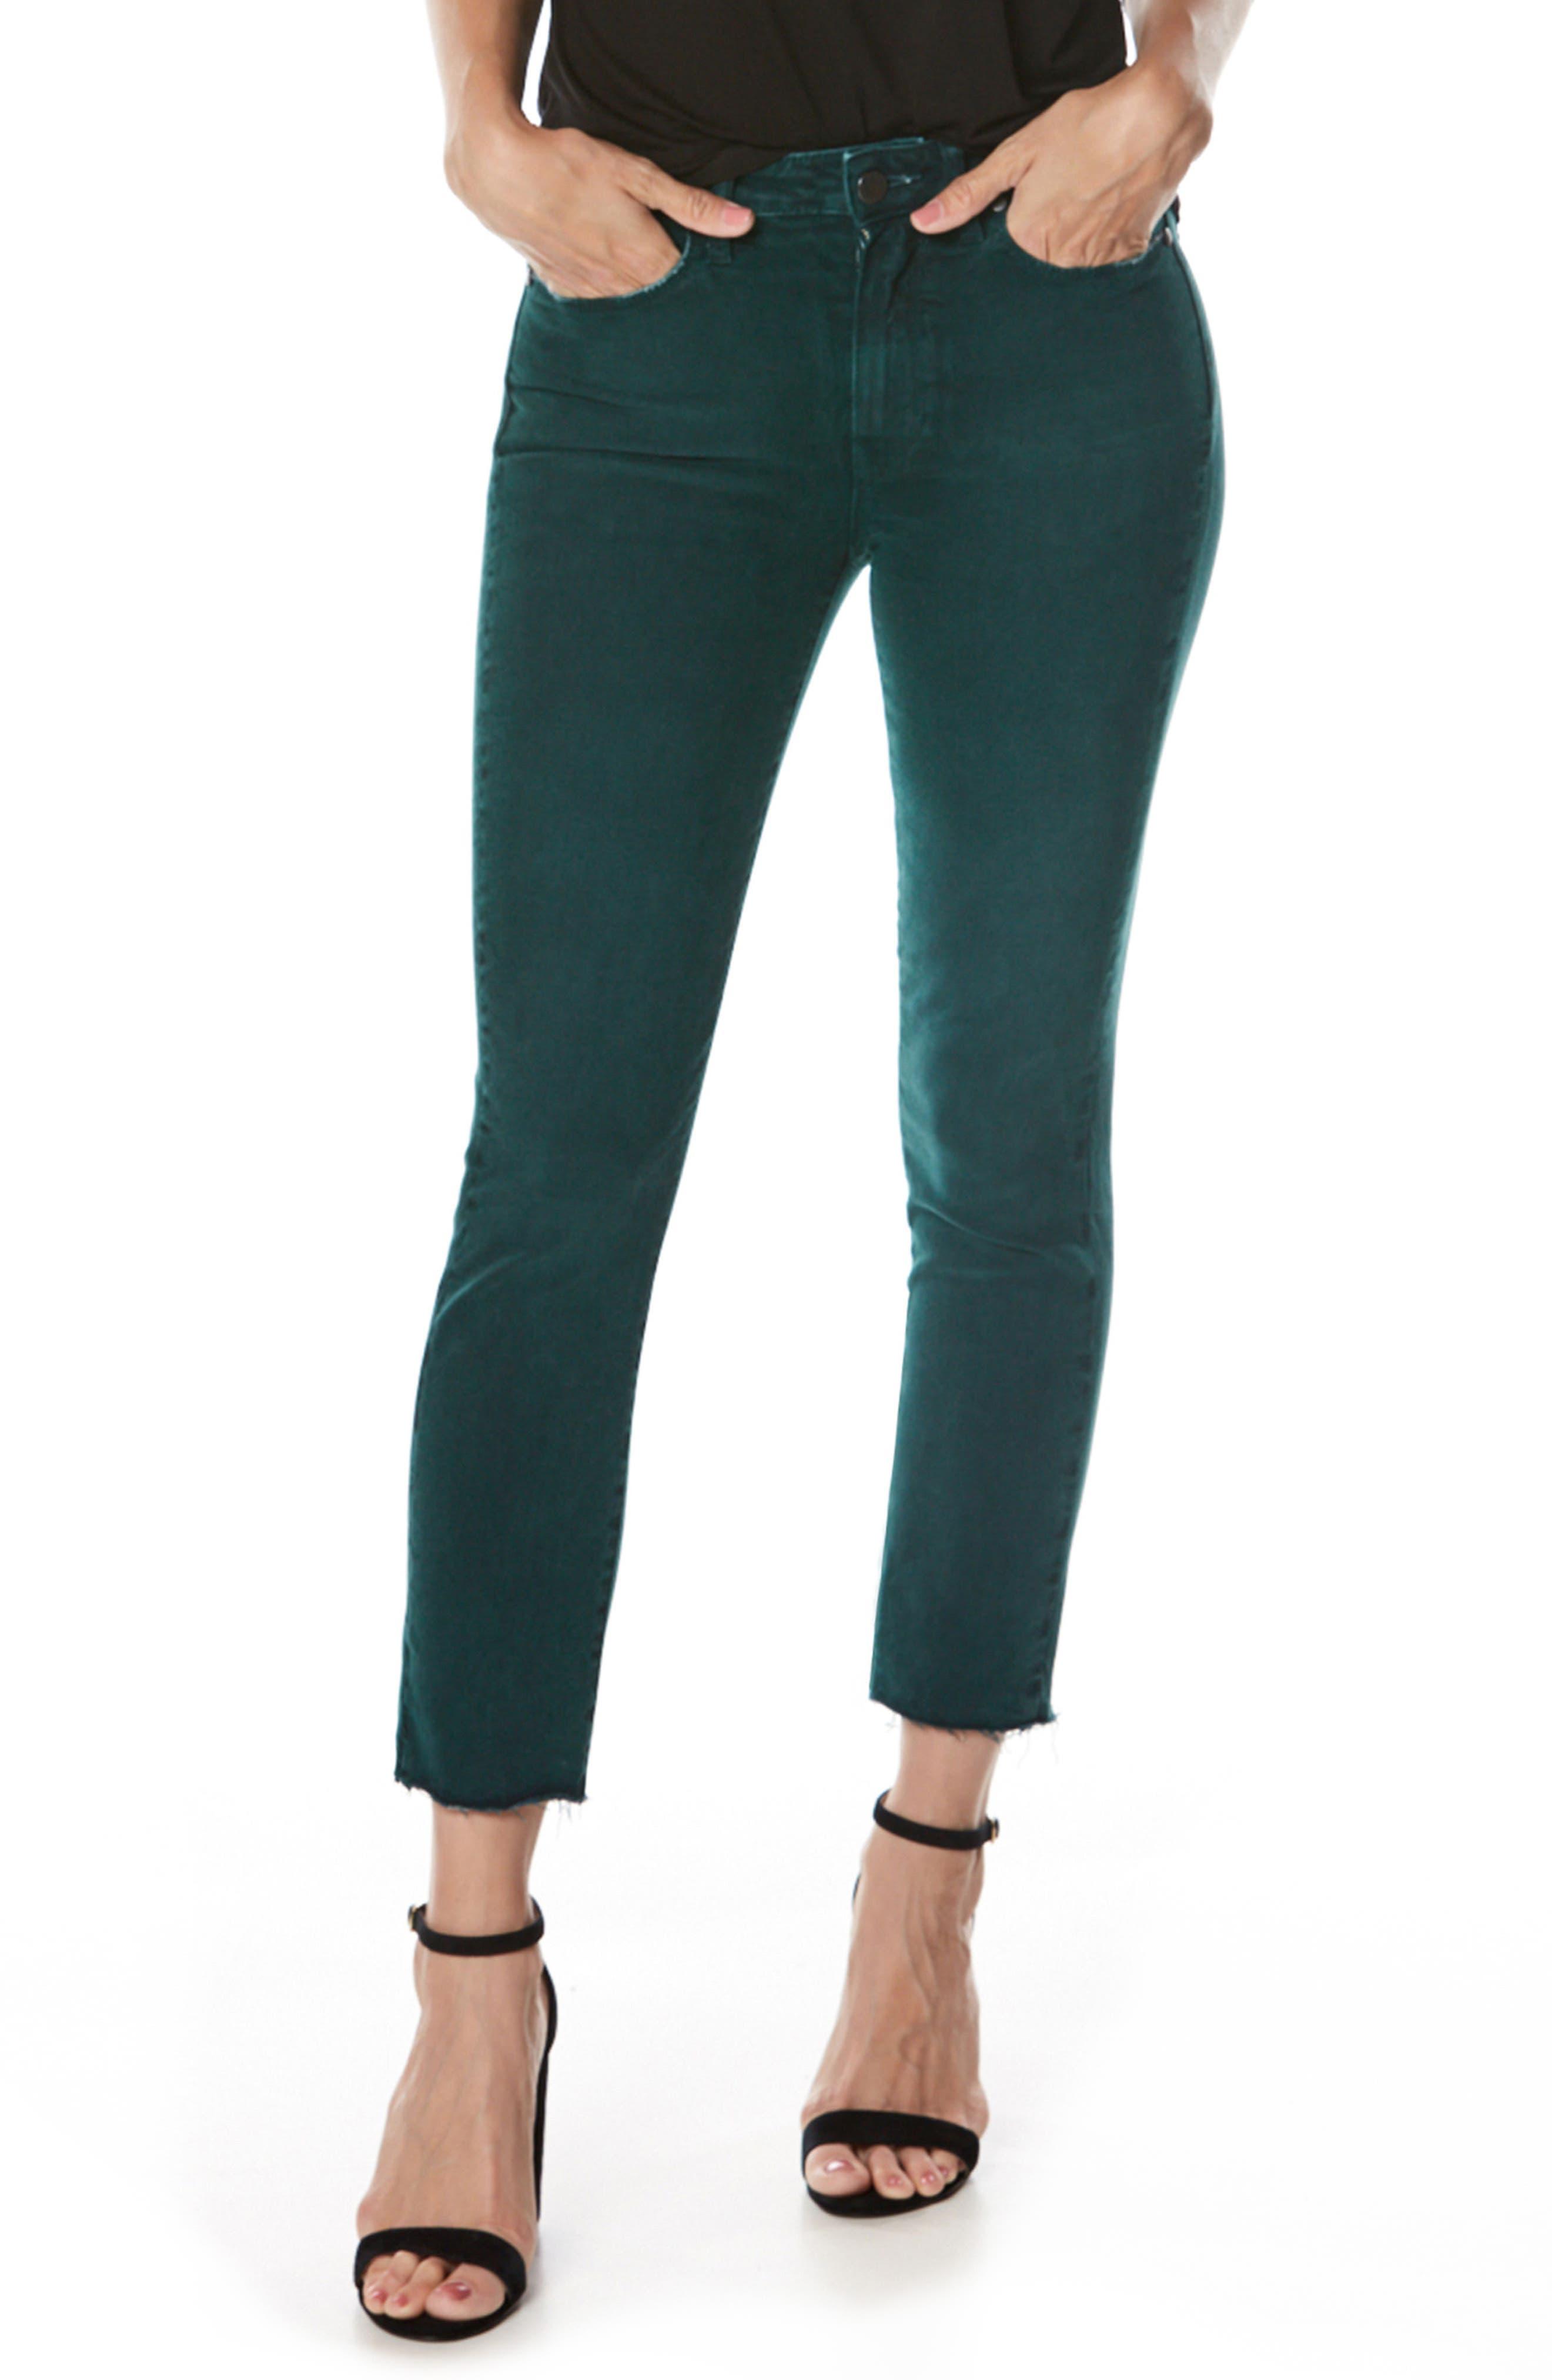 Jacqueline High Waist Crop Straight Leg Jeans,                         Main,                         color, 499